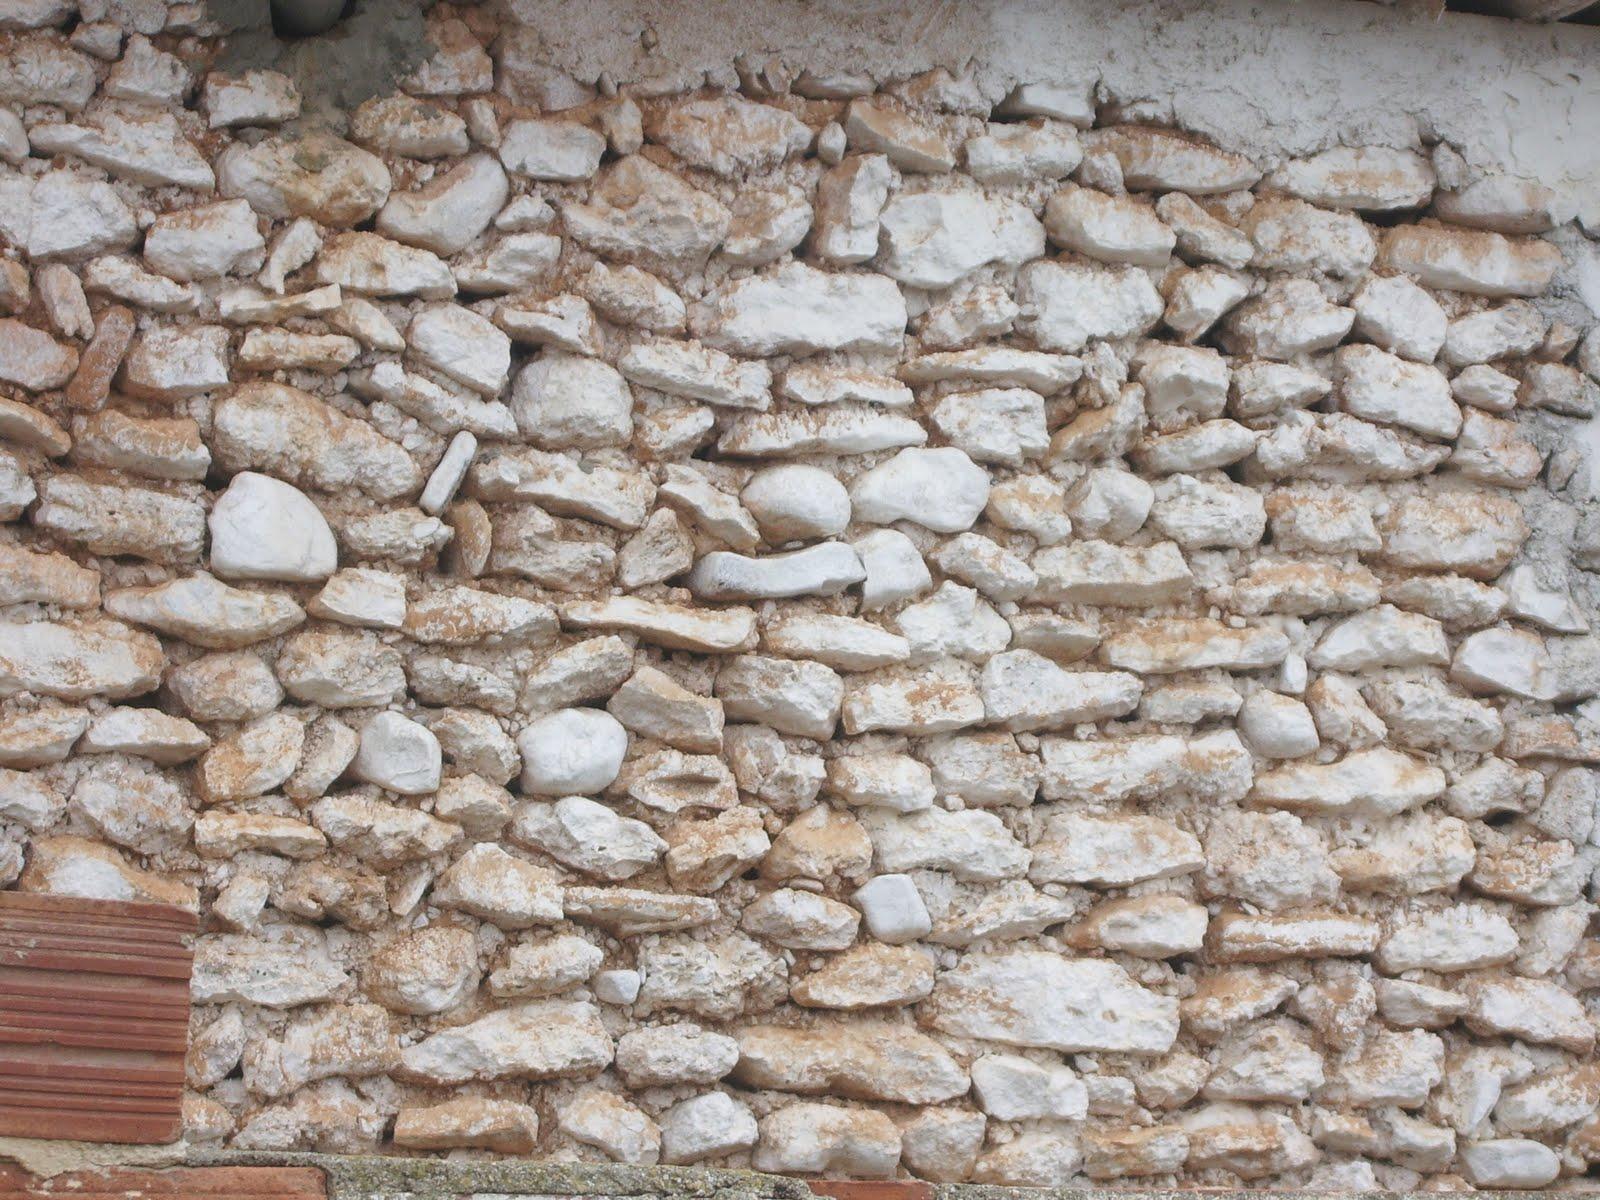 Plenas la piedra en la arquitectura tradicional - Muro de piedra natural ...